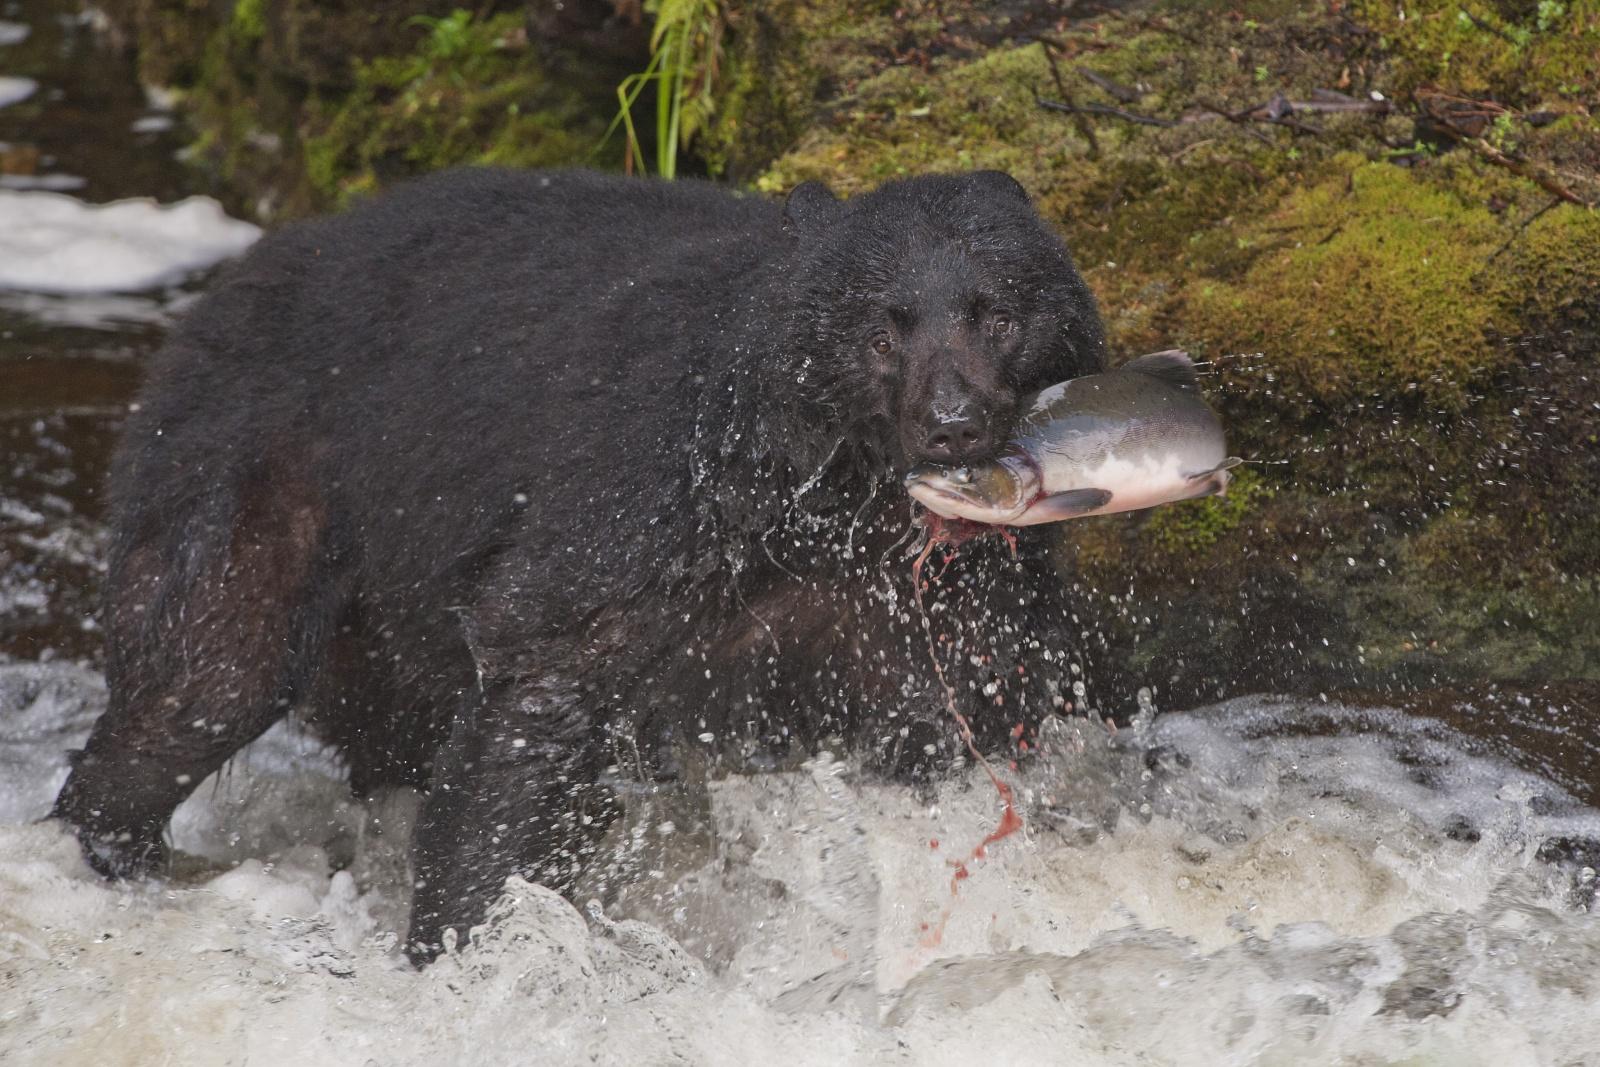 Nice Catch - Scatto finalista concorso GEO 2011  Un orso nero ha appena pescato un salmone nelle acque di un torrente all'isola di Prince of Wales in Alaska